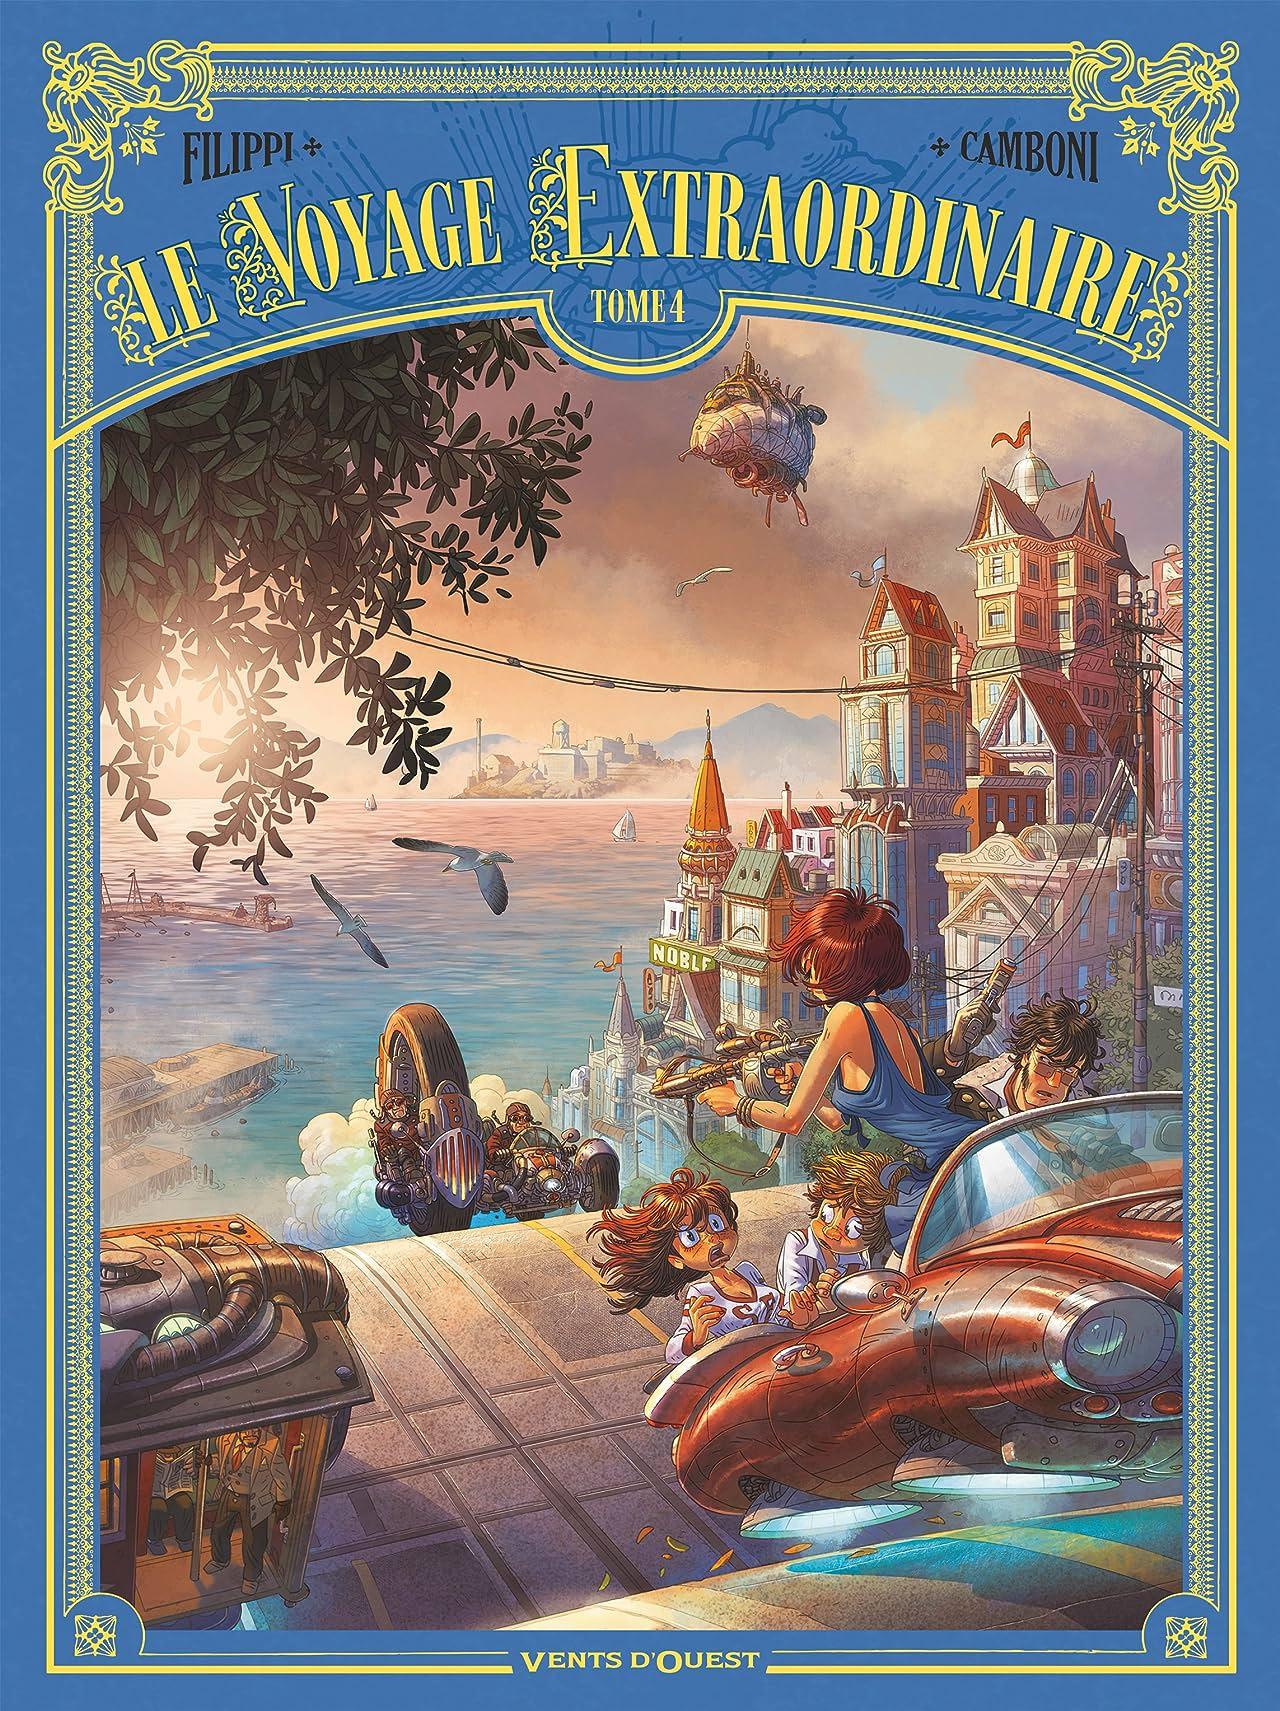 Le voyage extraordinaire Vol. 4